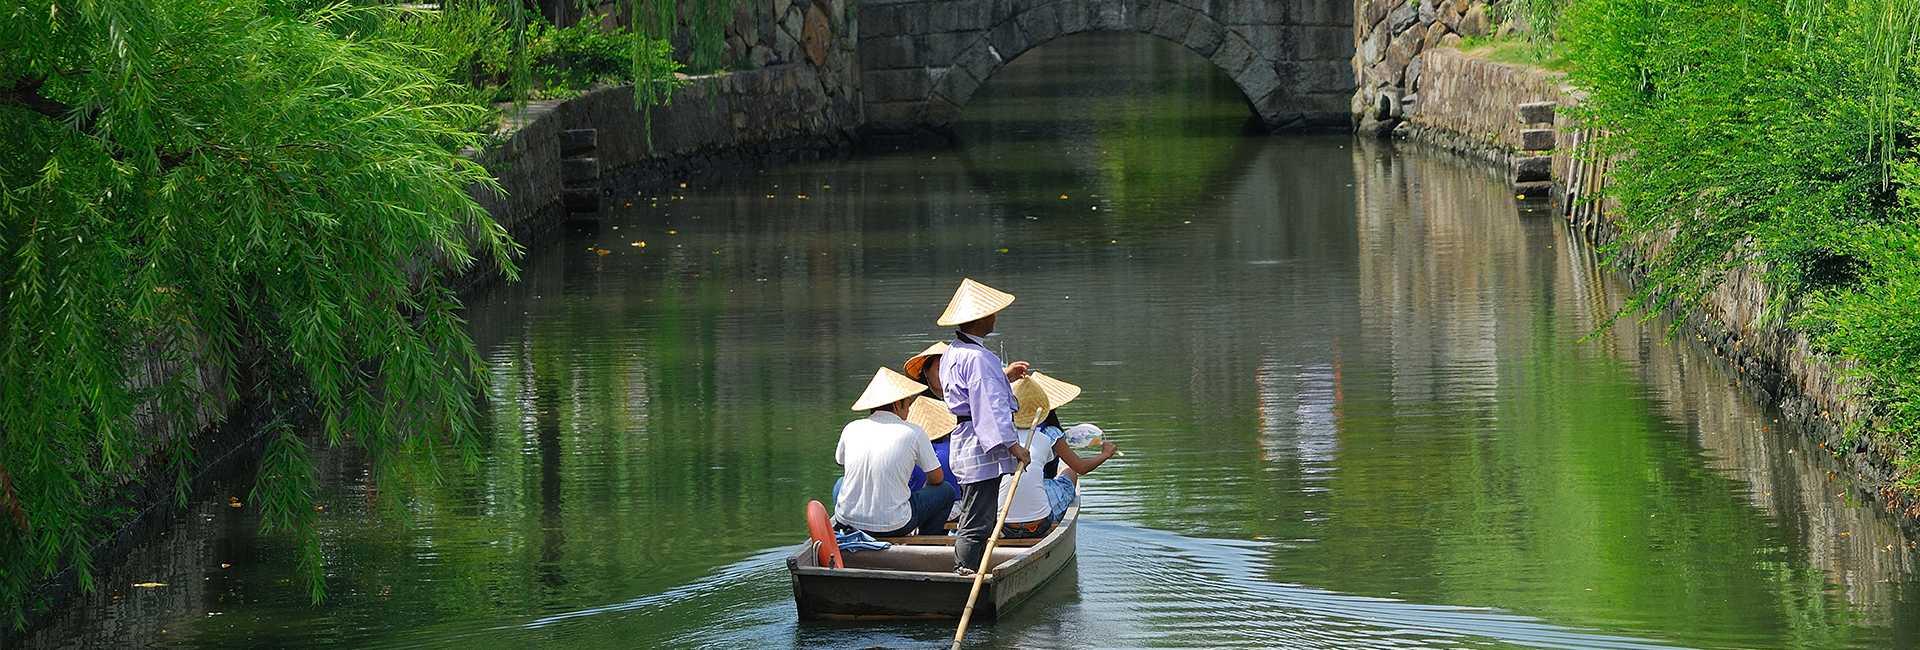 the canal at Kurashiki Bikan